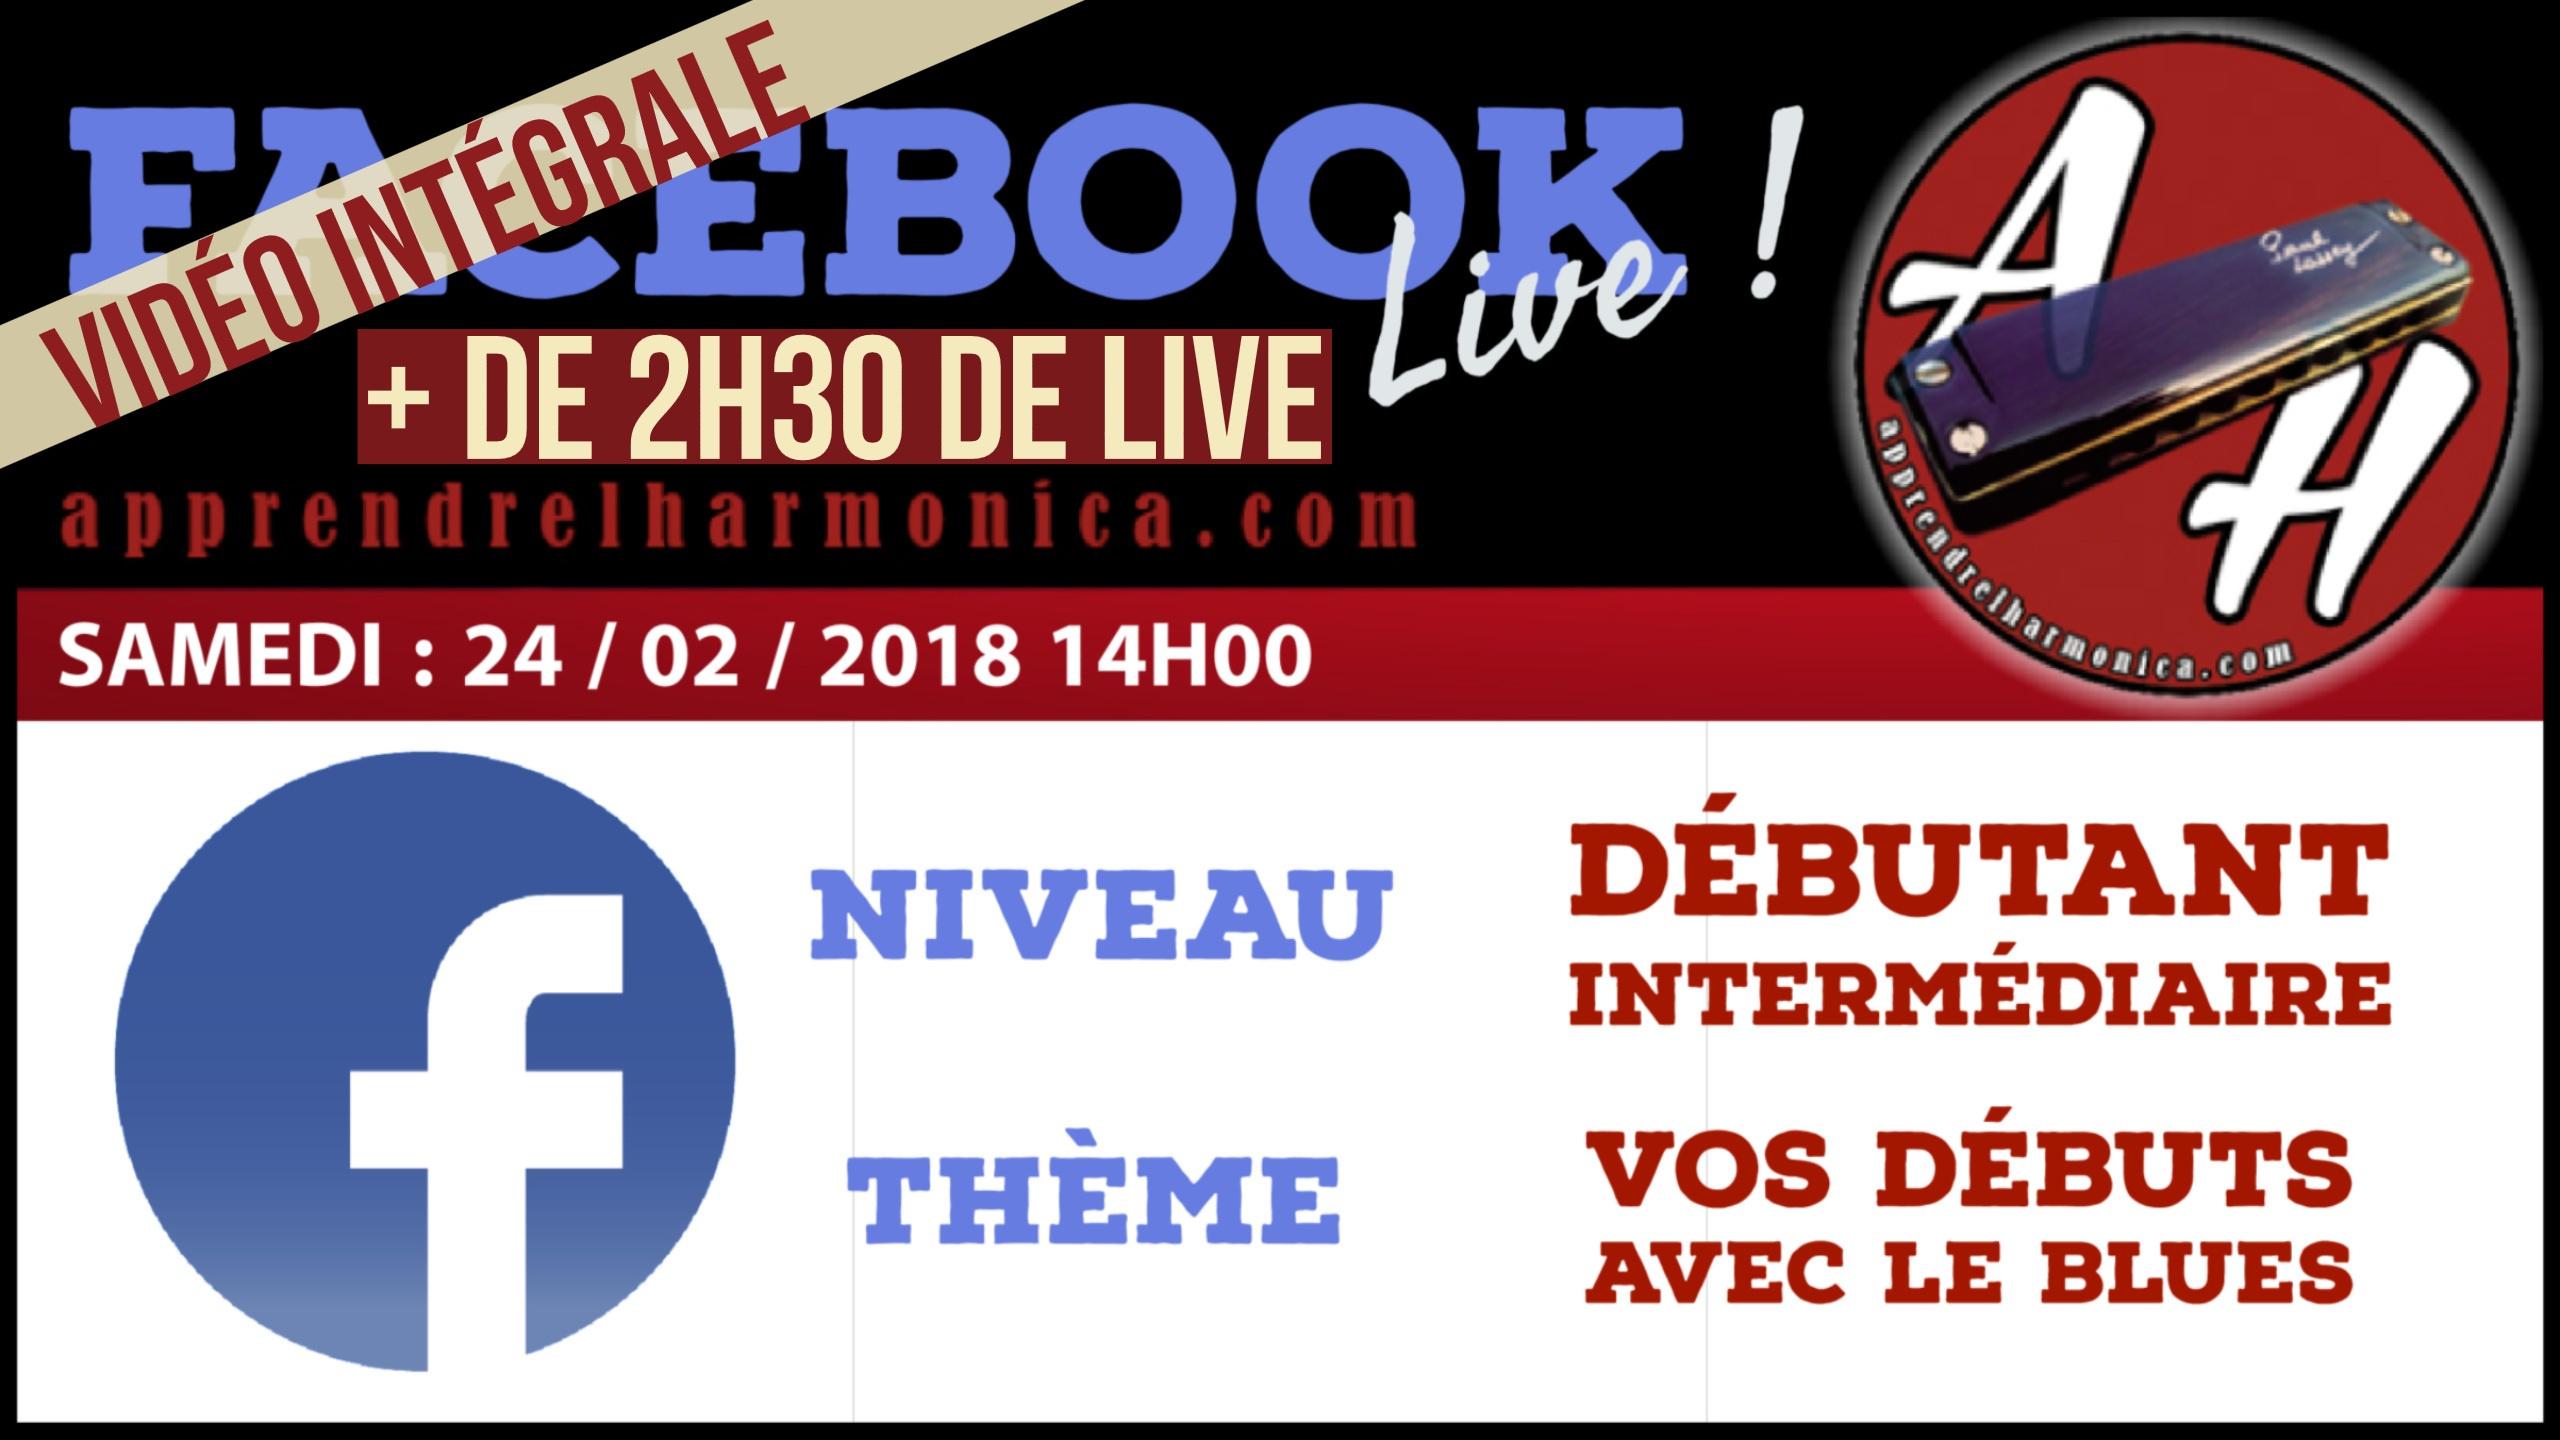 03 - Facebook Live - Vos débuts avec le blues + de 2h30 de Live - 24 02 2018